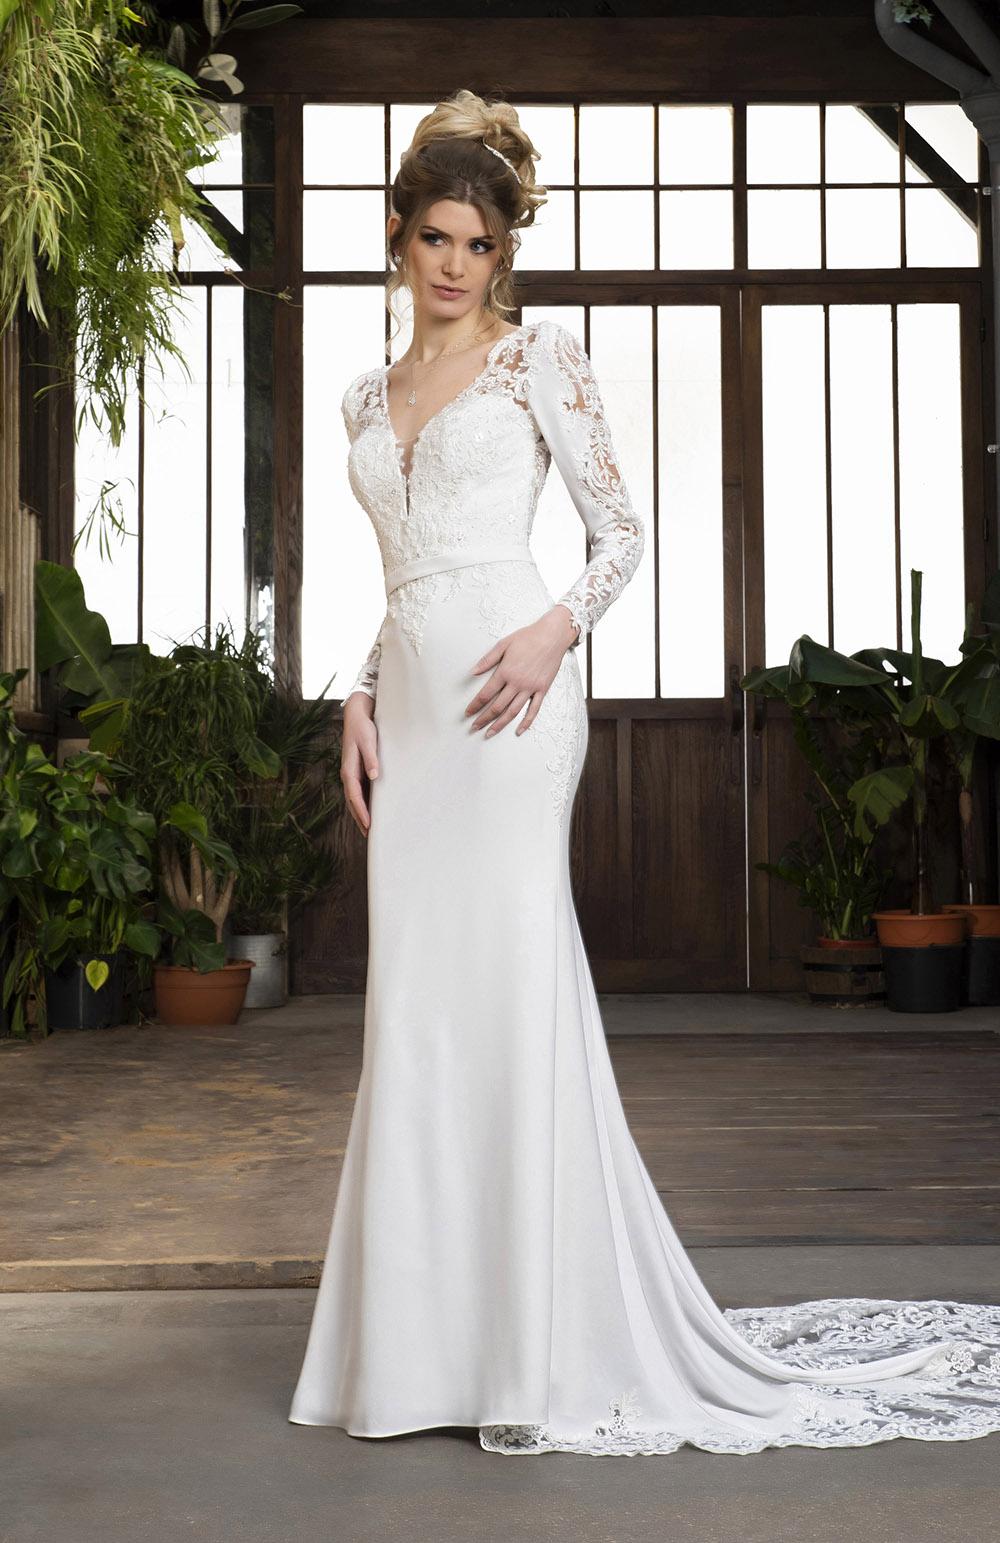 Robe de mariée Modèle Christal